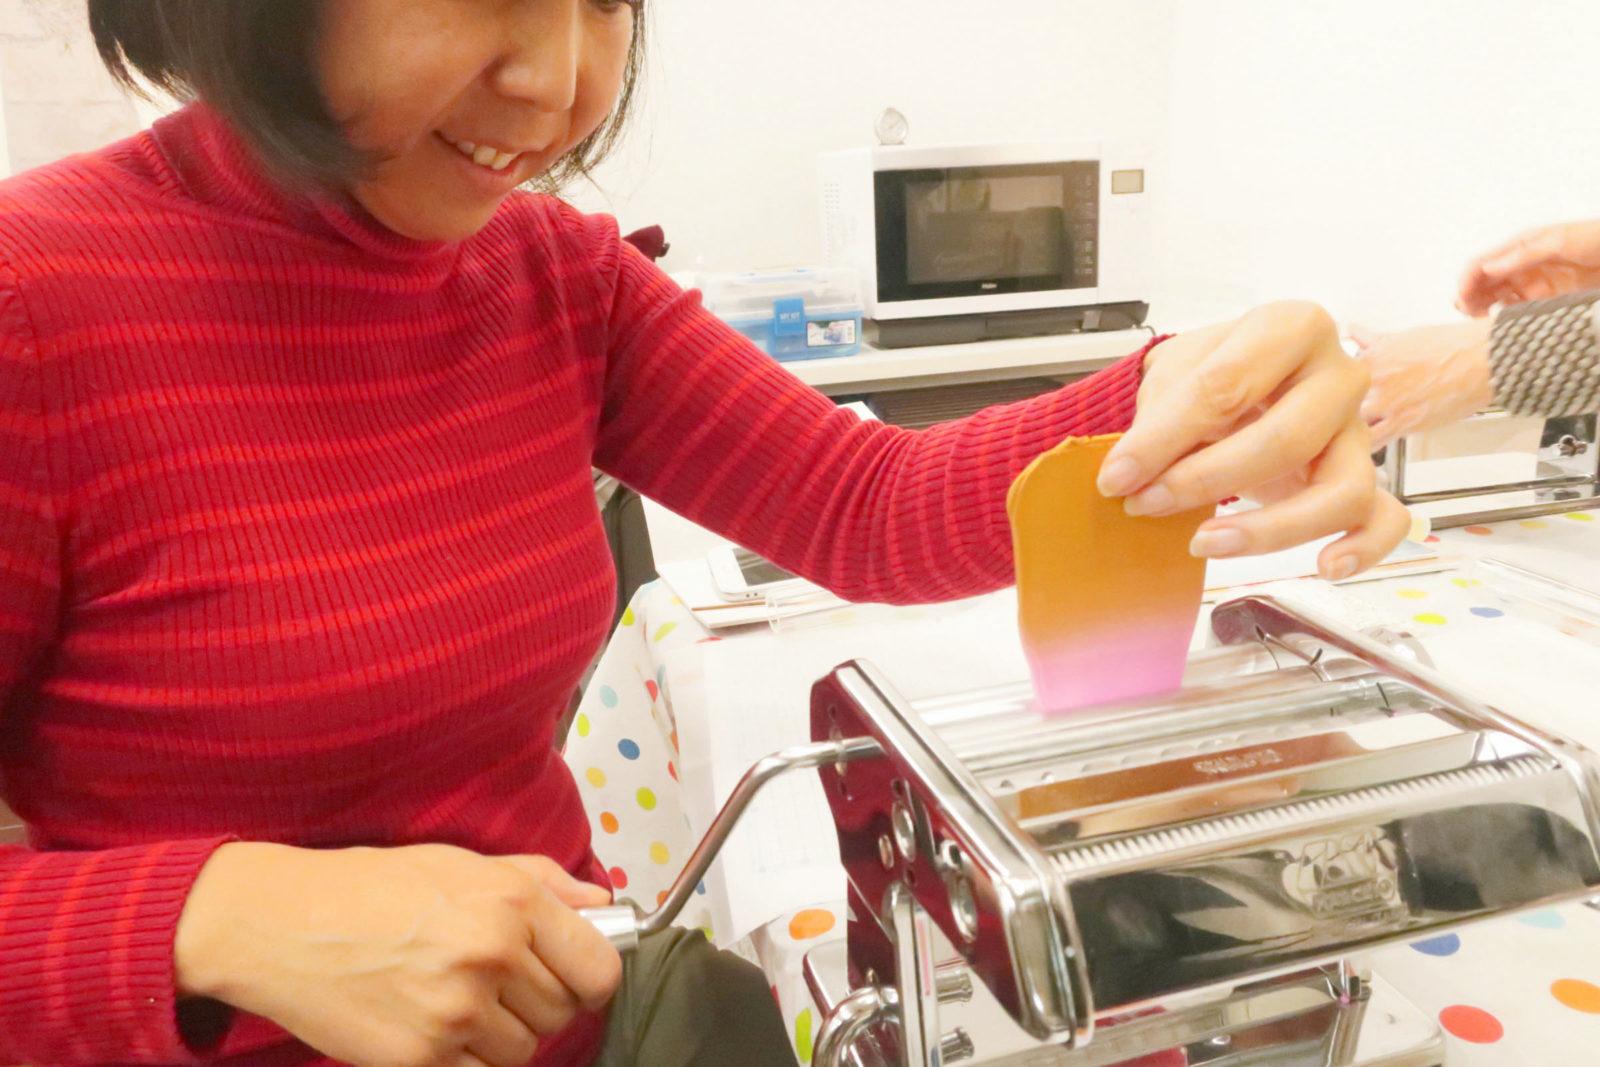 ポリマークレイ(オーブン粘土)用パスタマシーンでグラデーションを作る